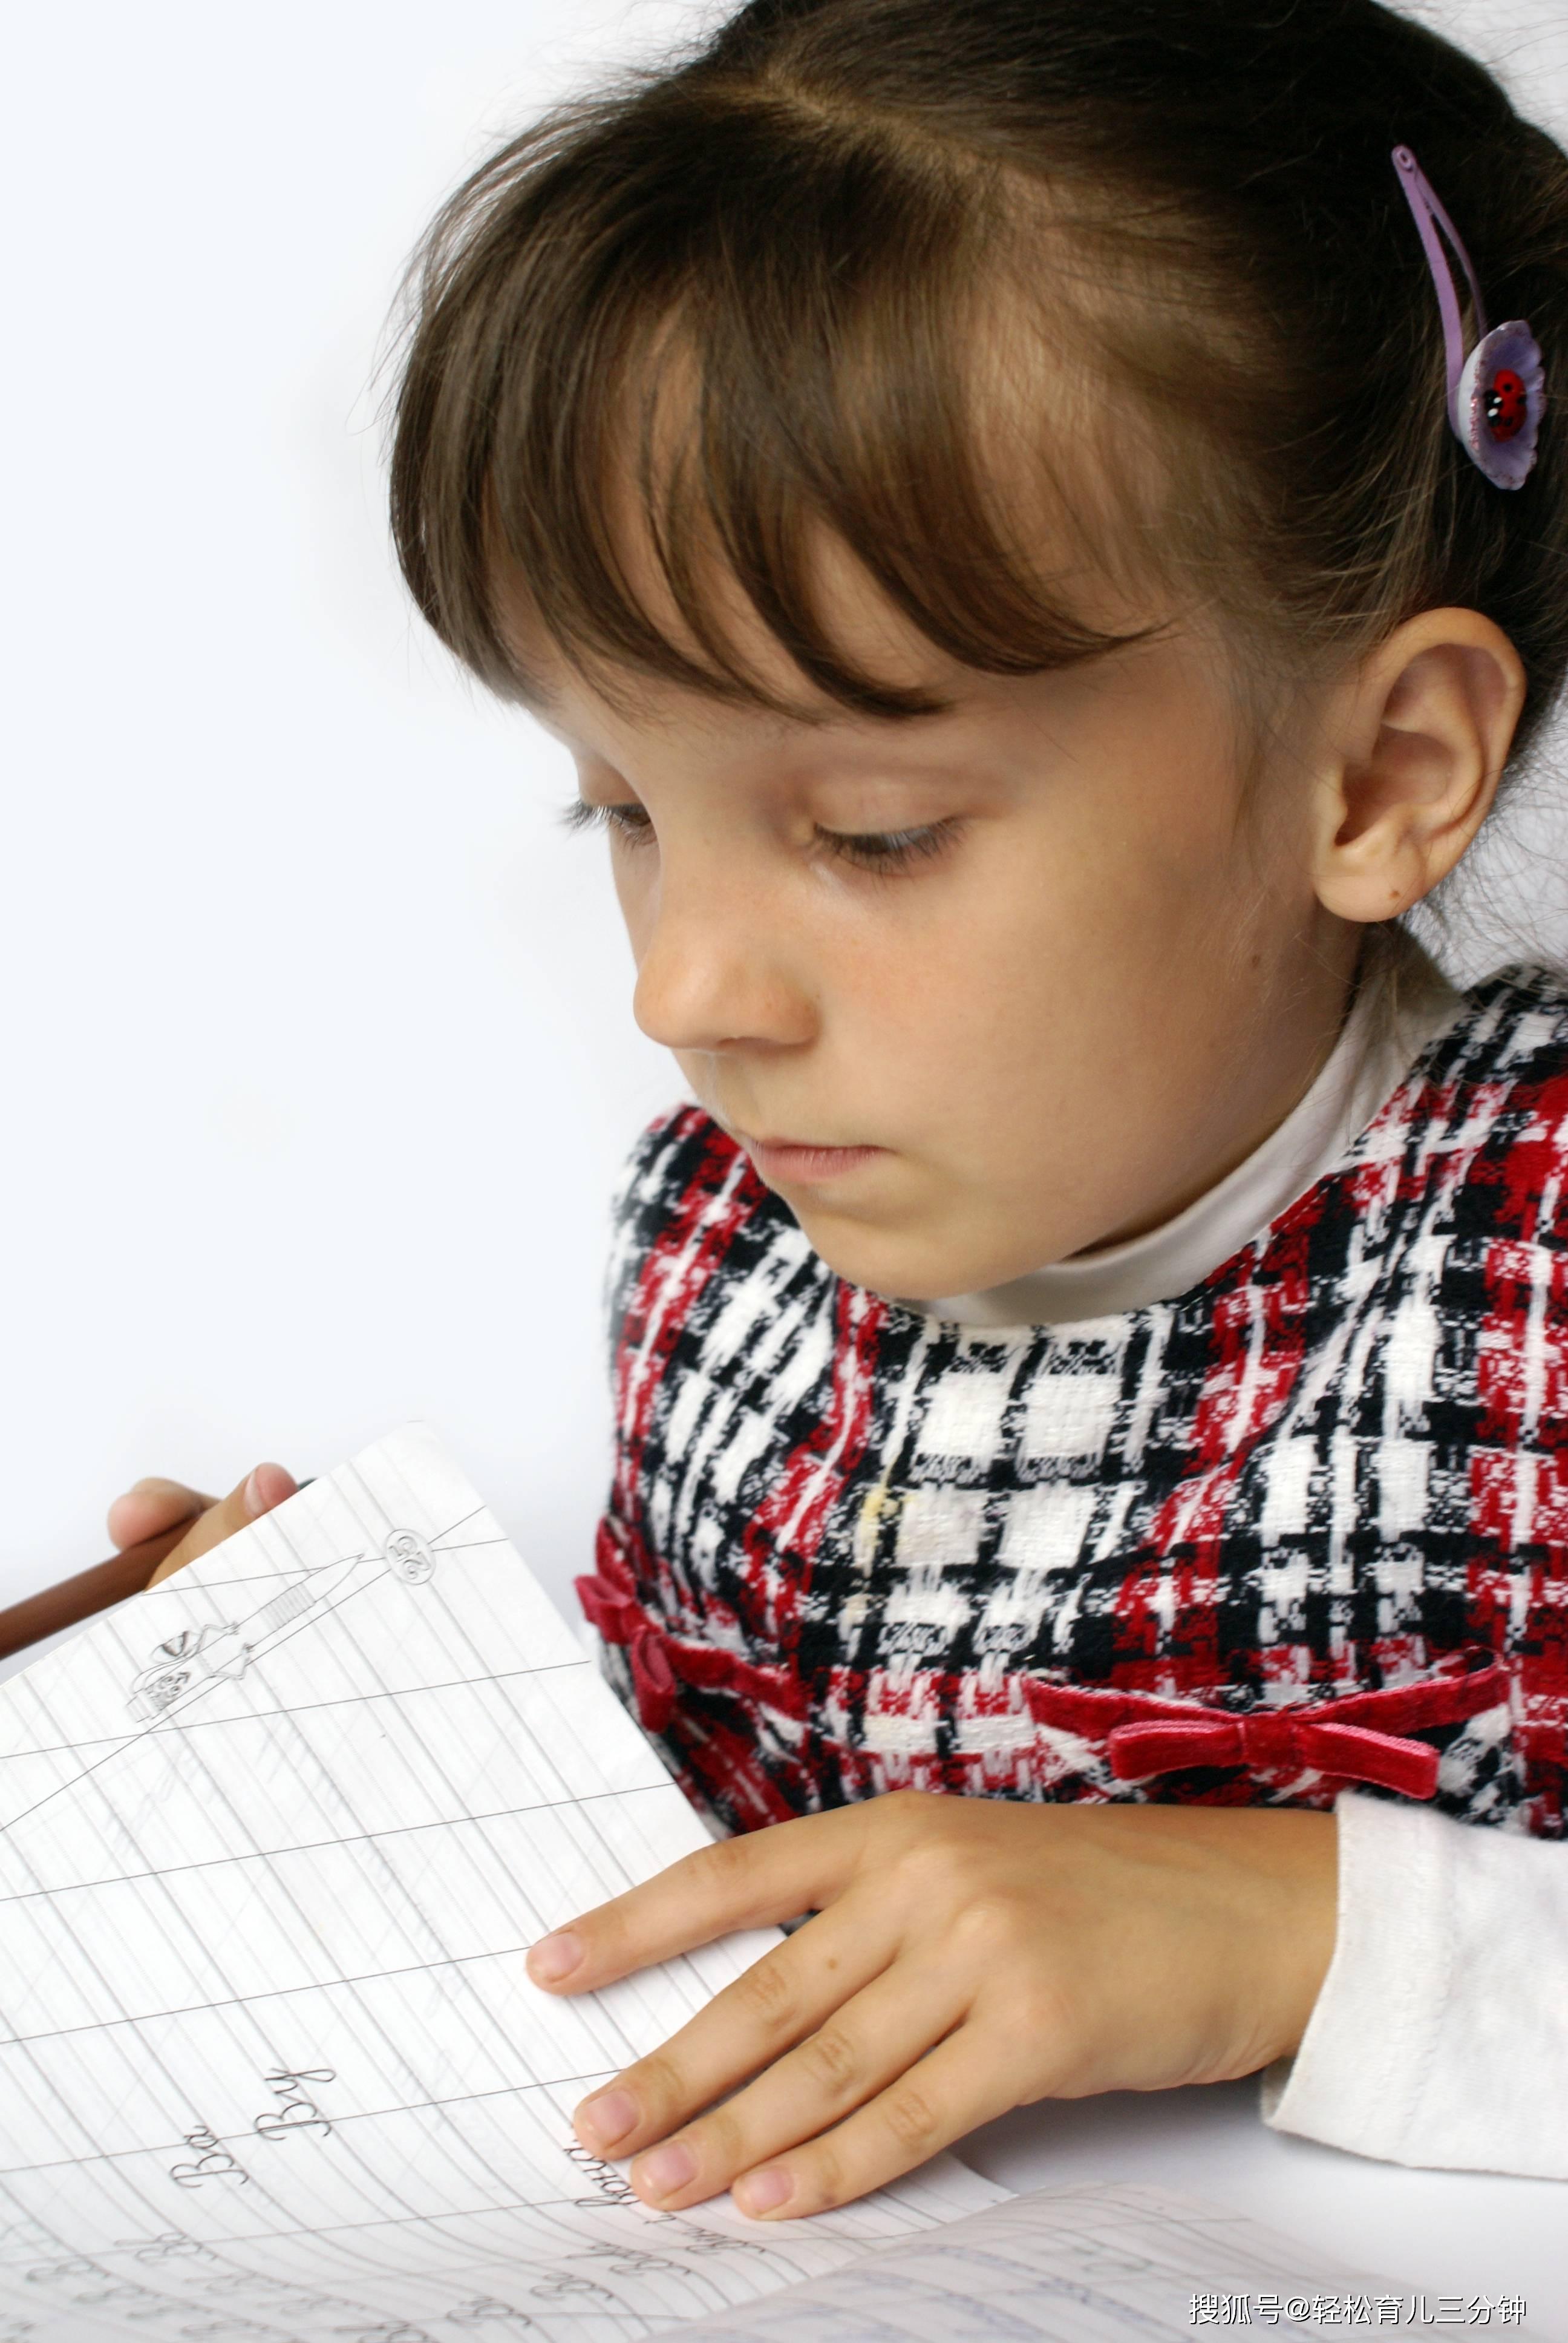 幼儿园开始学习小学知识了吗?弊大于利。